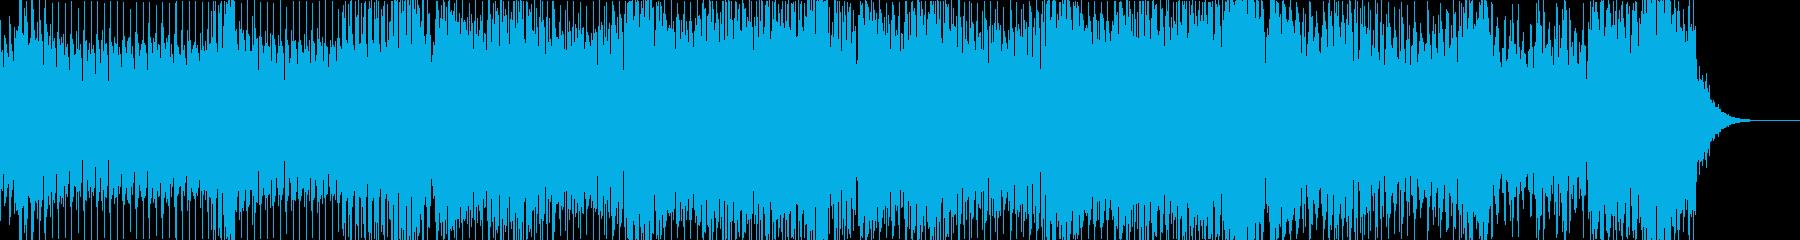 怪しげなサイトランスの再生済みの波形